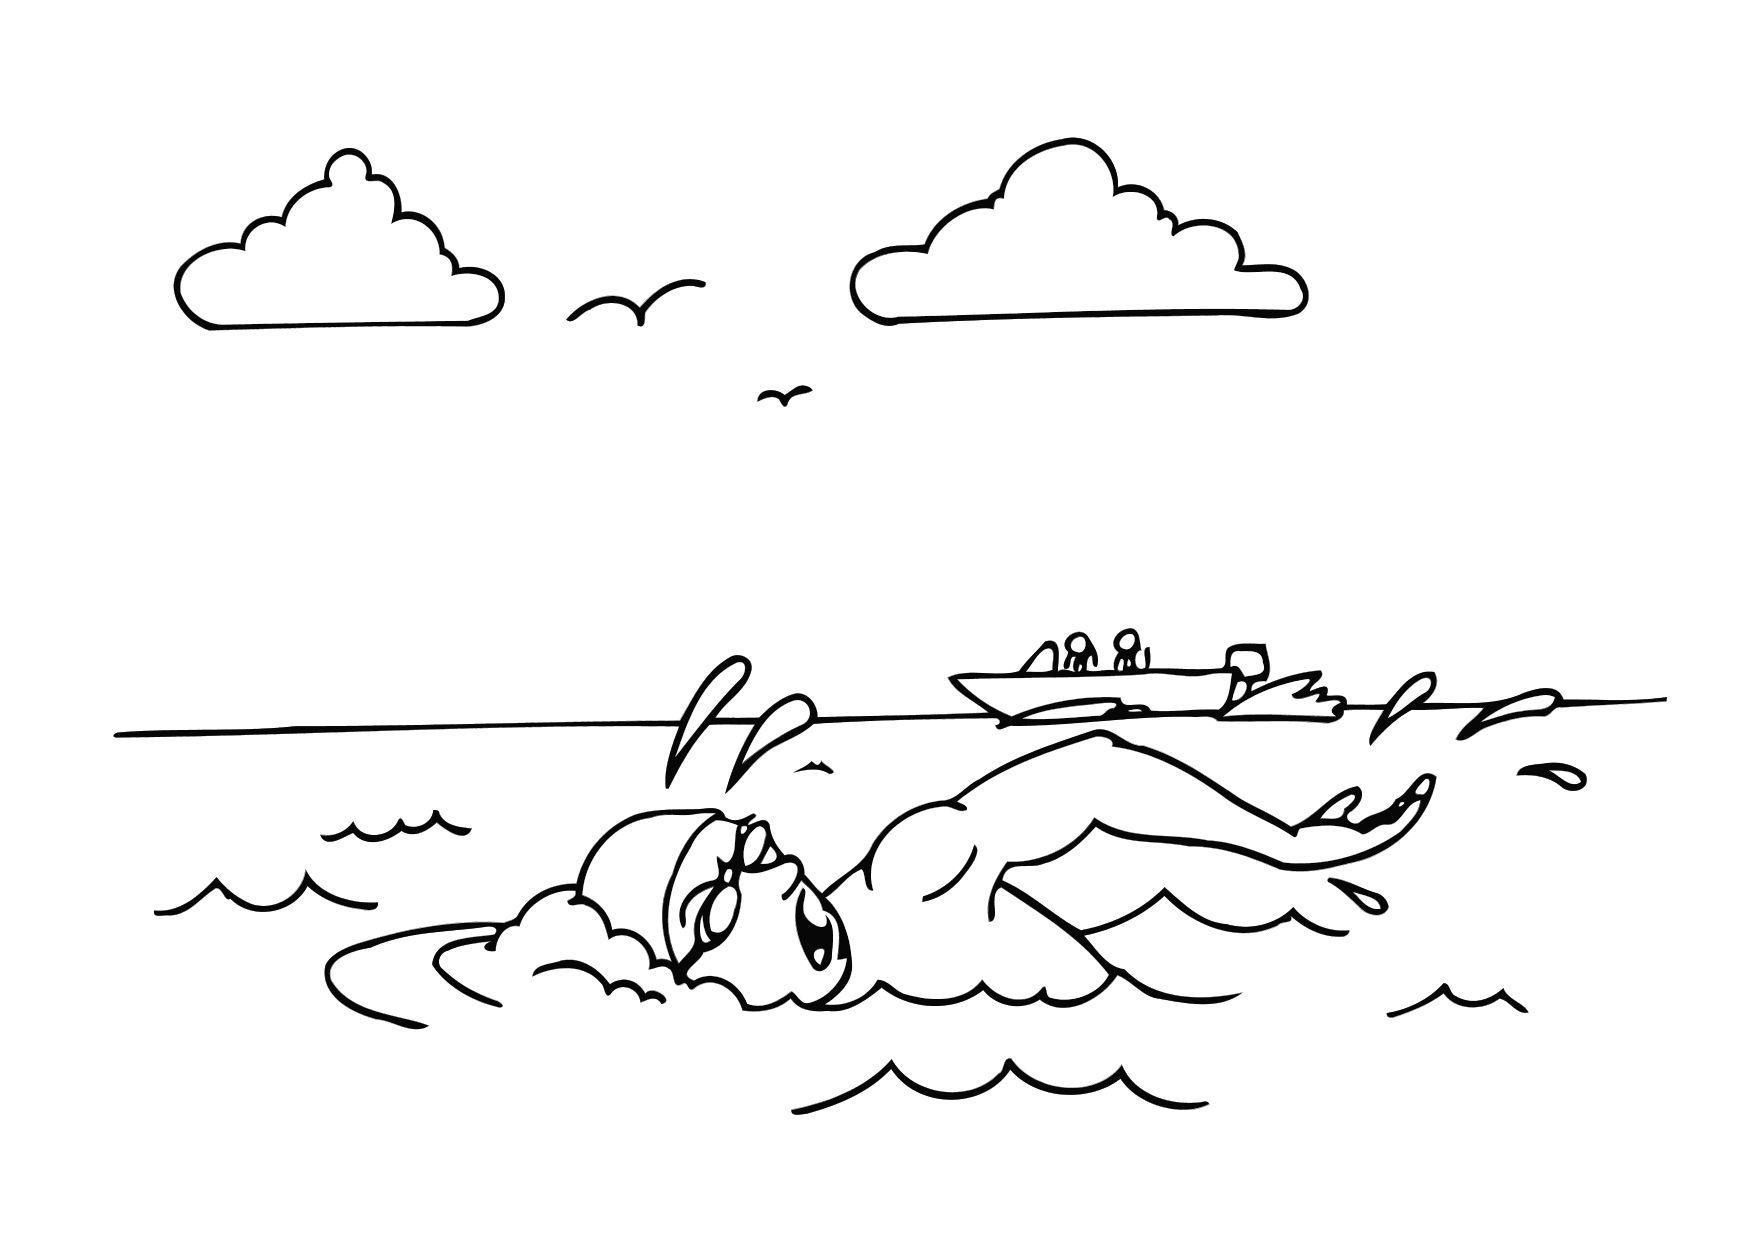 Dibujo para colorear nadar img 12161 for Imagenes de un estanque para colorear